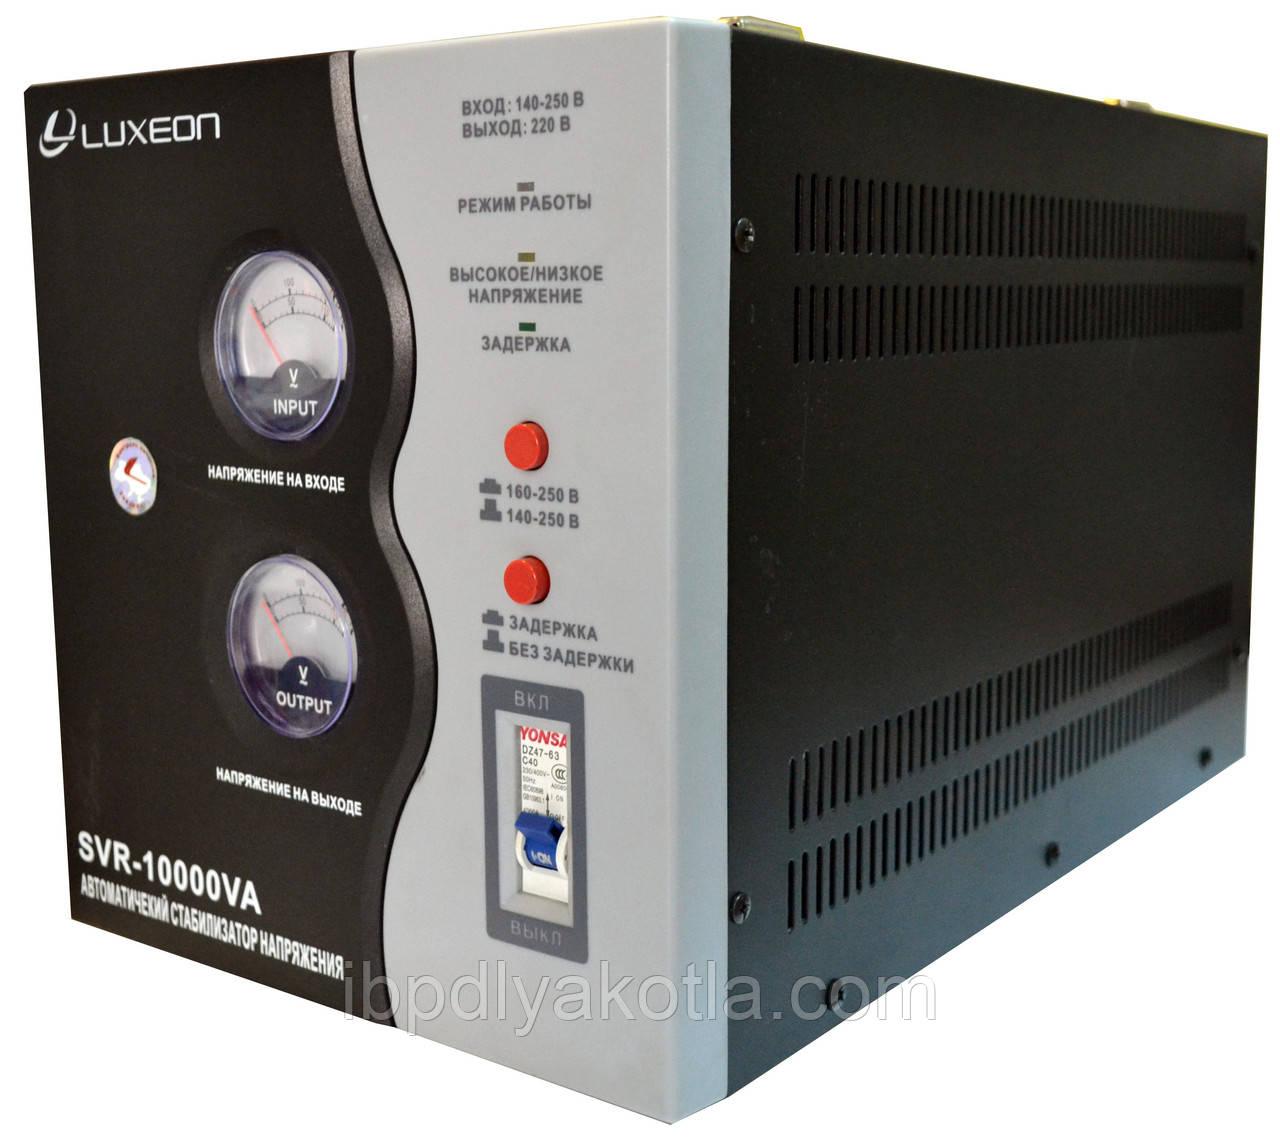 Luxeon SVR-10000VA (7000 Вт) черный